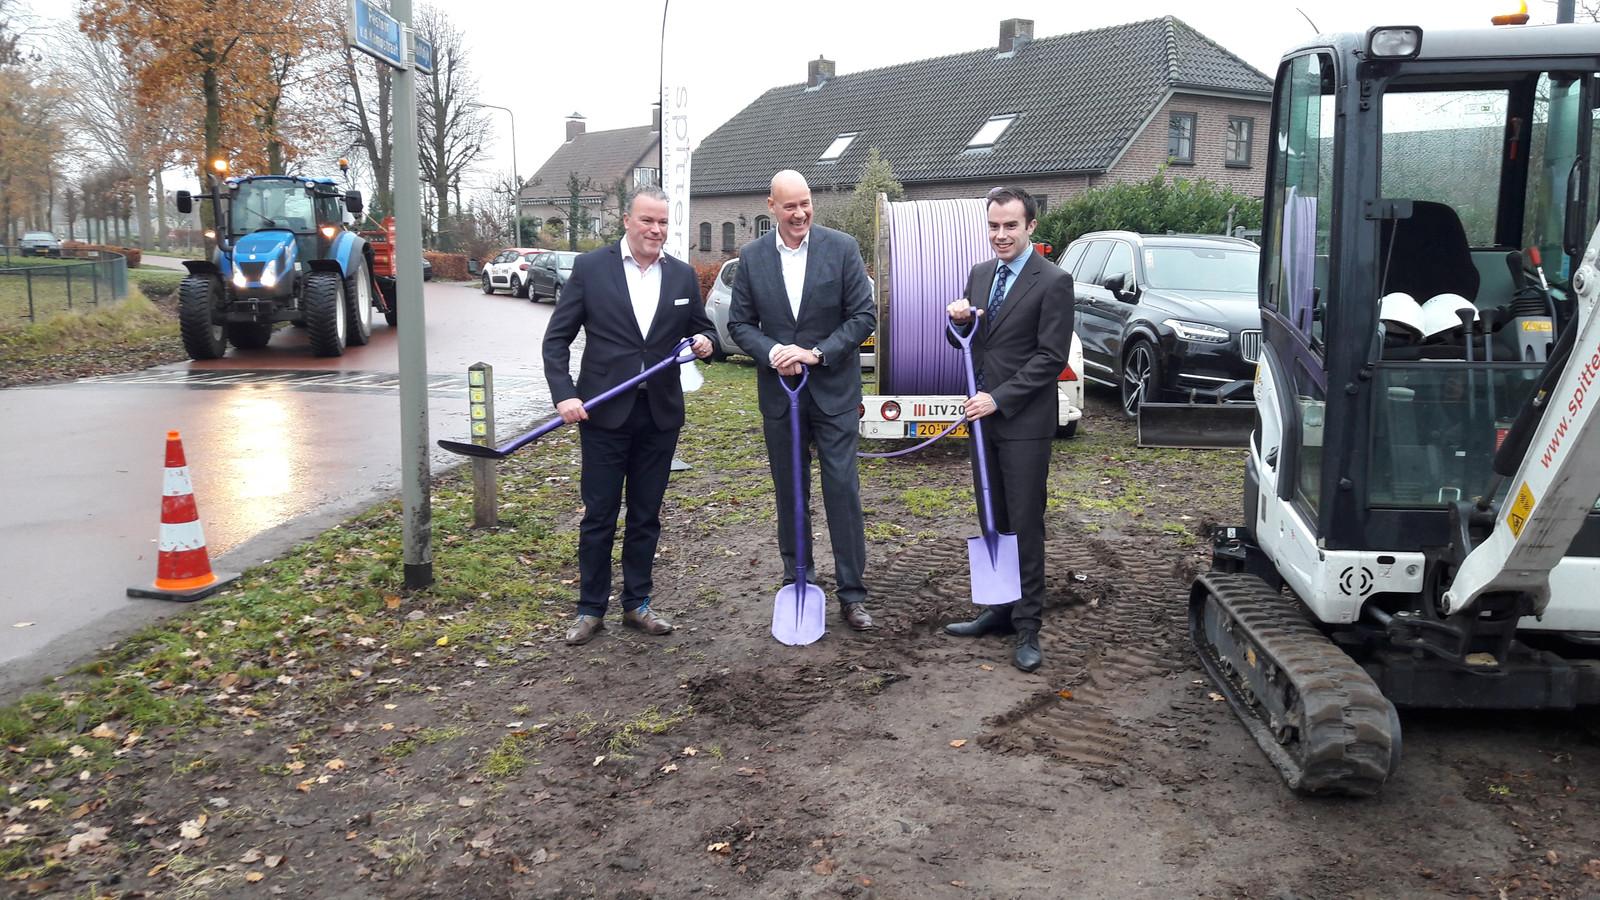 De Osse wethouder Frank den Brok (links) en zijn Bossche collega Mike van der Geld (rechts) zetten samen met directeur Eric Vos van E-fiber de schop in de grond voor het glasvezelnetwerk in Geffen, Nuland en Vinkel.